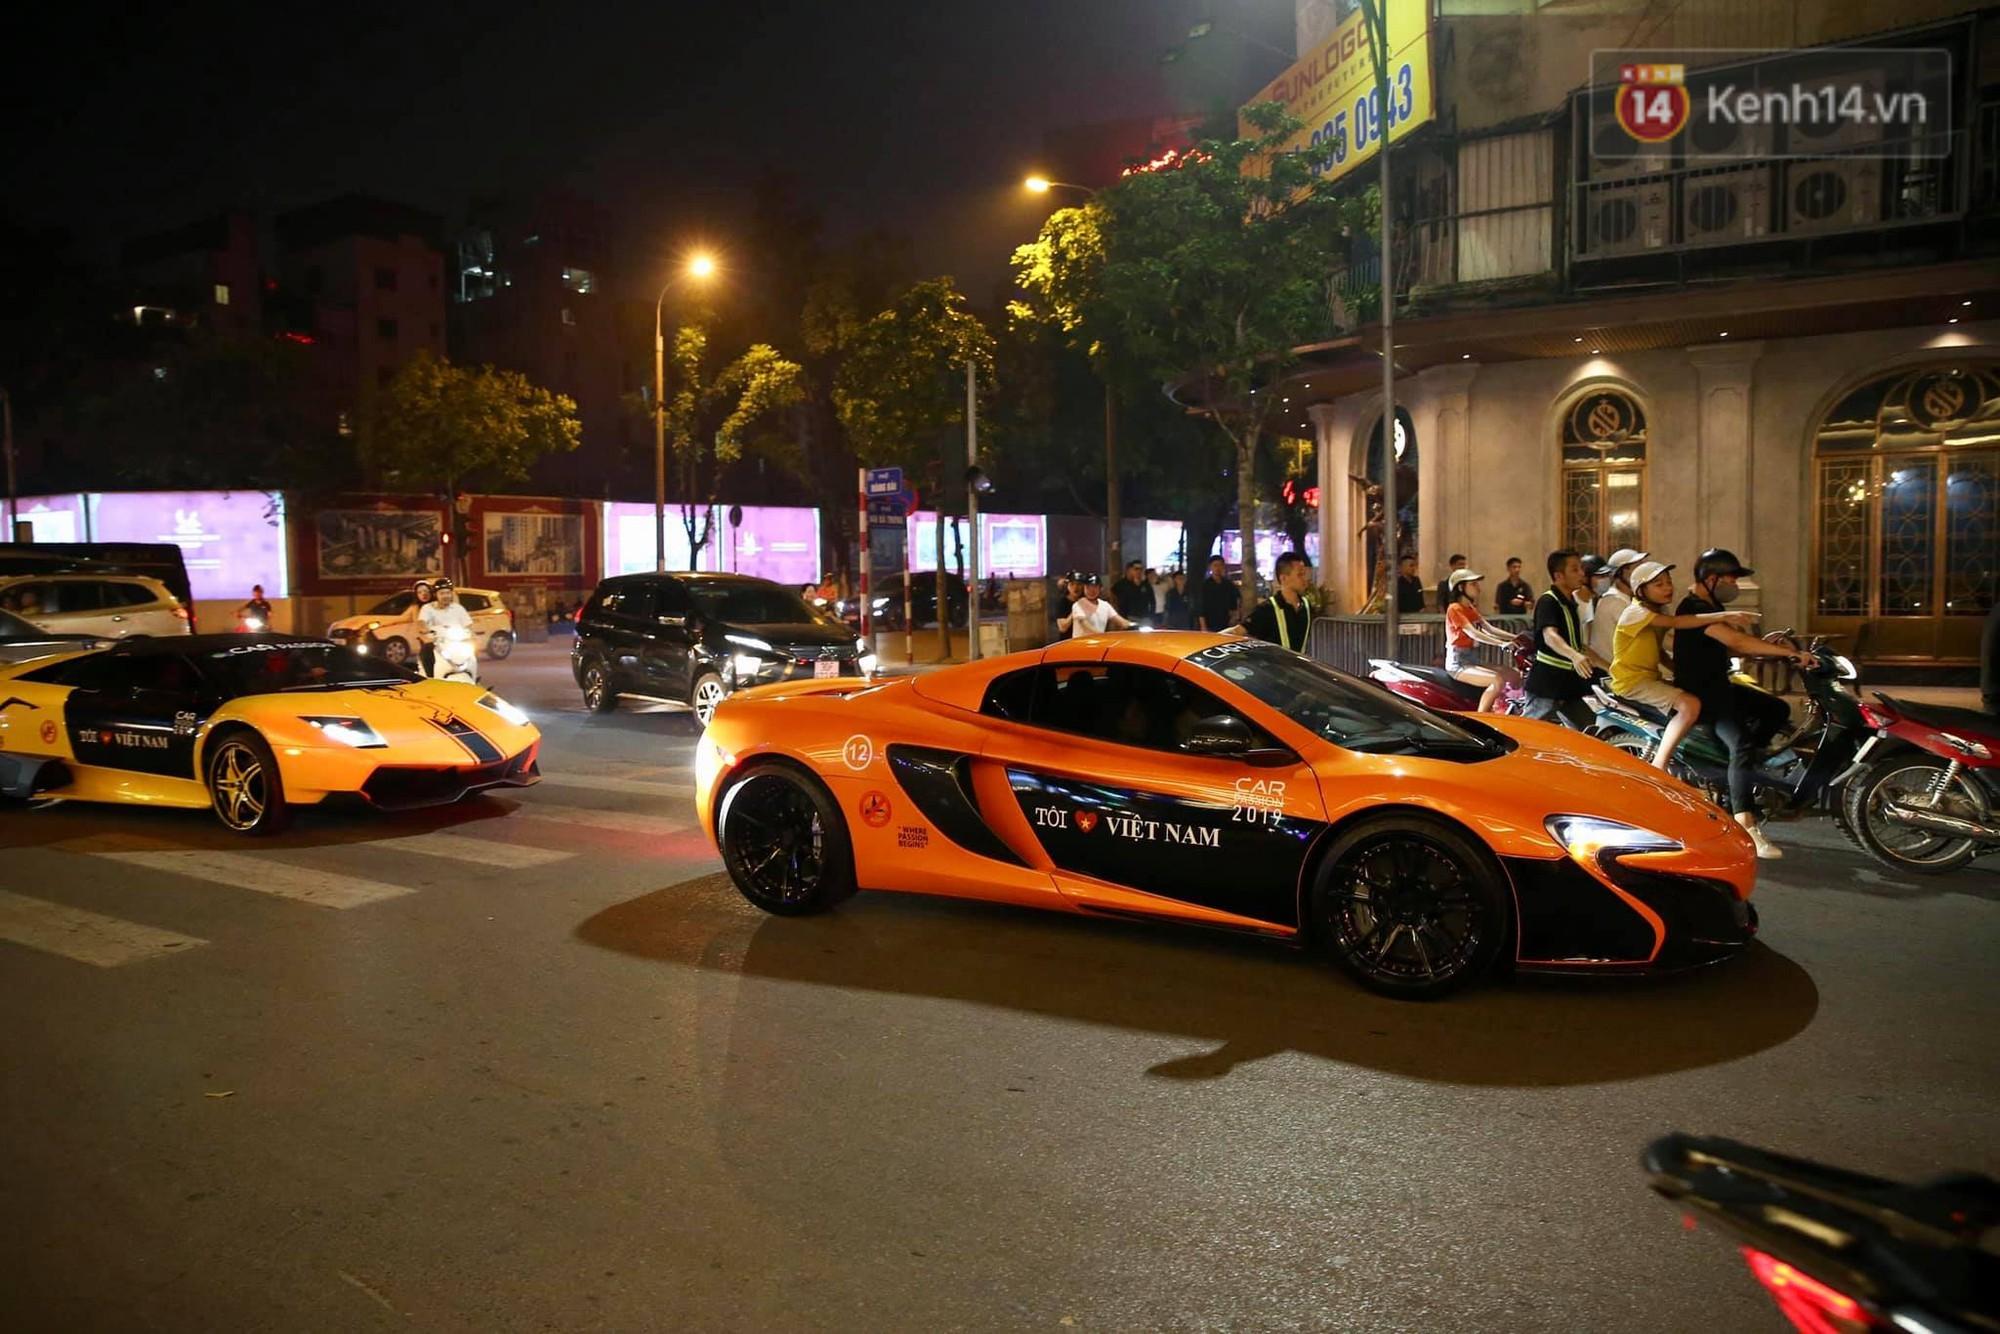 Dàn siêu xe hơn 300 tỷ rầm rộ tụ họp trên đường phố Hà Nội, Cường Đô La và vợ cũng xuất hiện với chiếc Audi R8V10-12